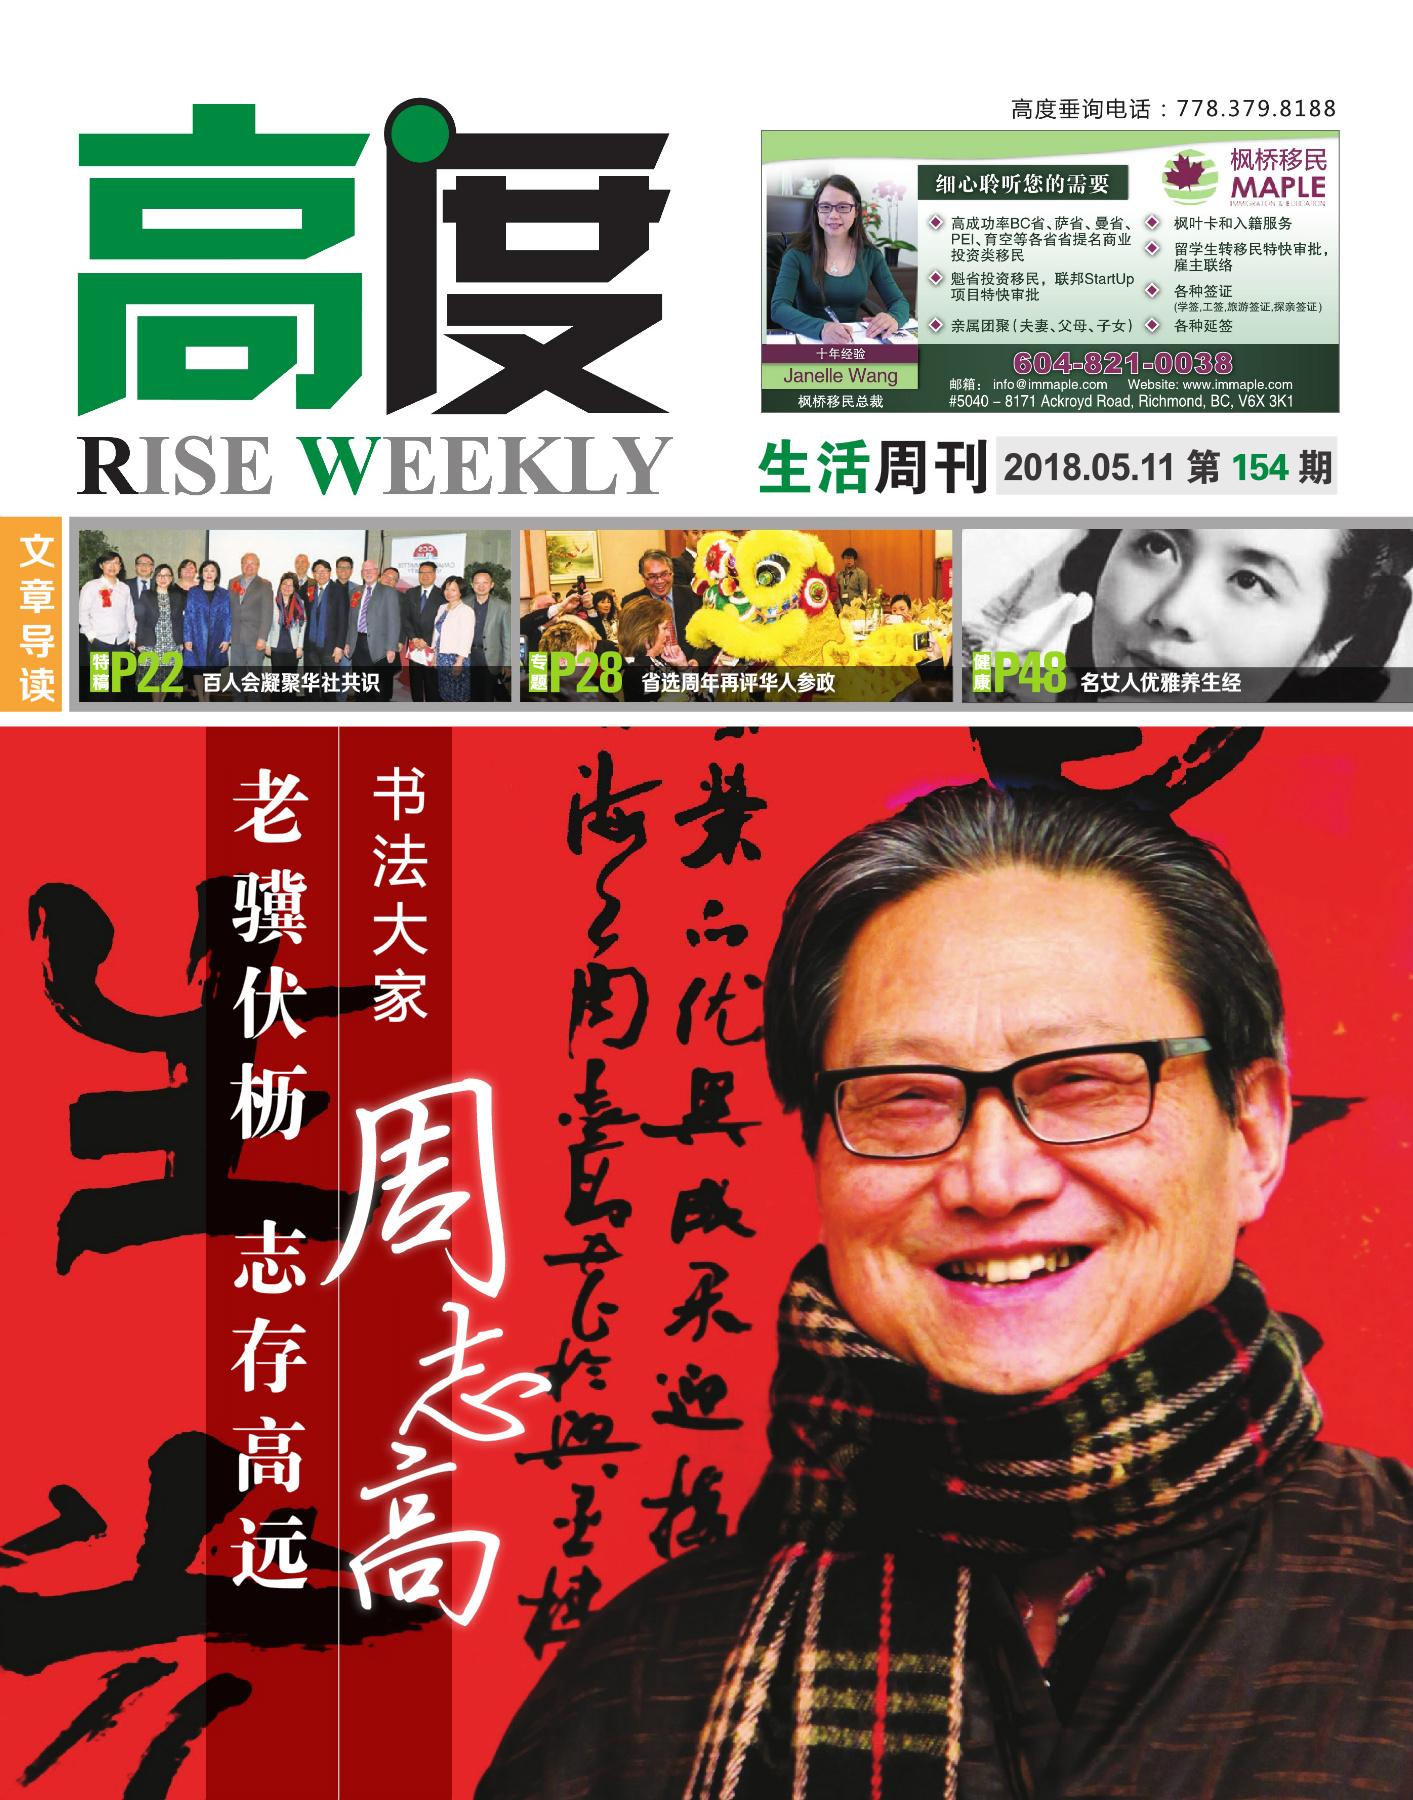 高度生活周刊 2018年05月11日 第154期